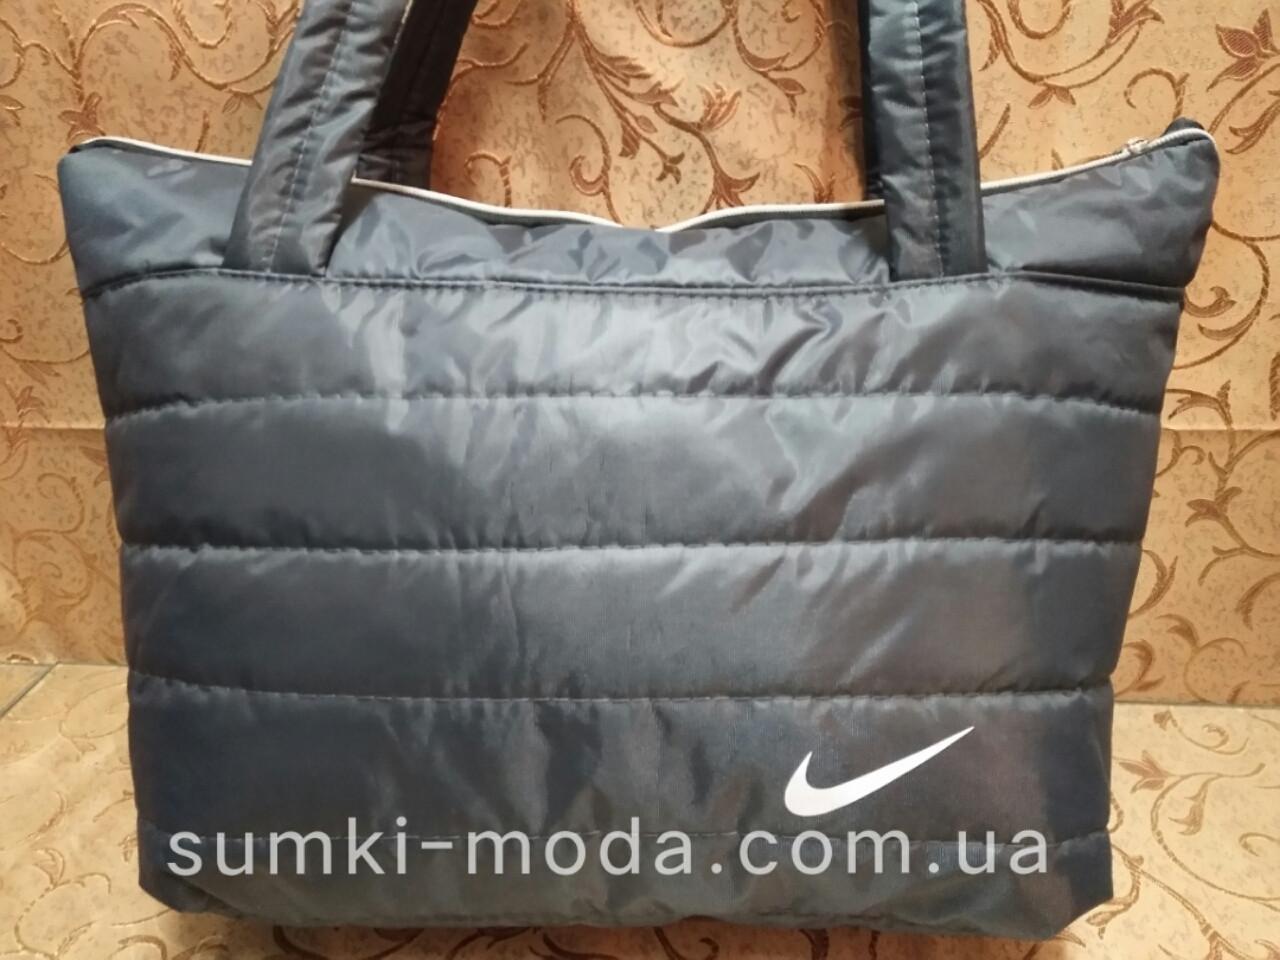 РАСПРОДАЖА Спортивная сумка NIKE дутая стильный только оптом, фото 1 4dc33f7c6a7